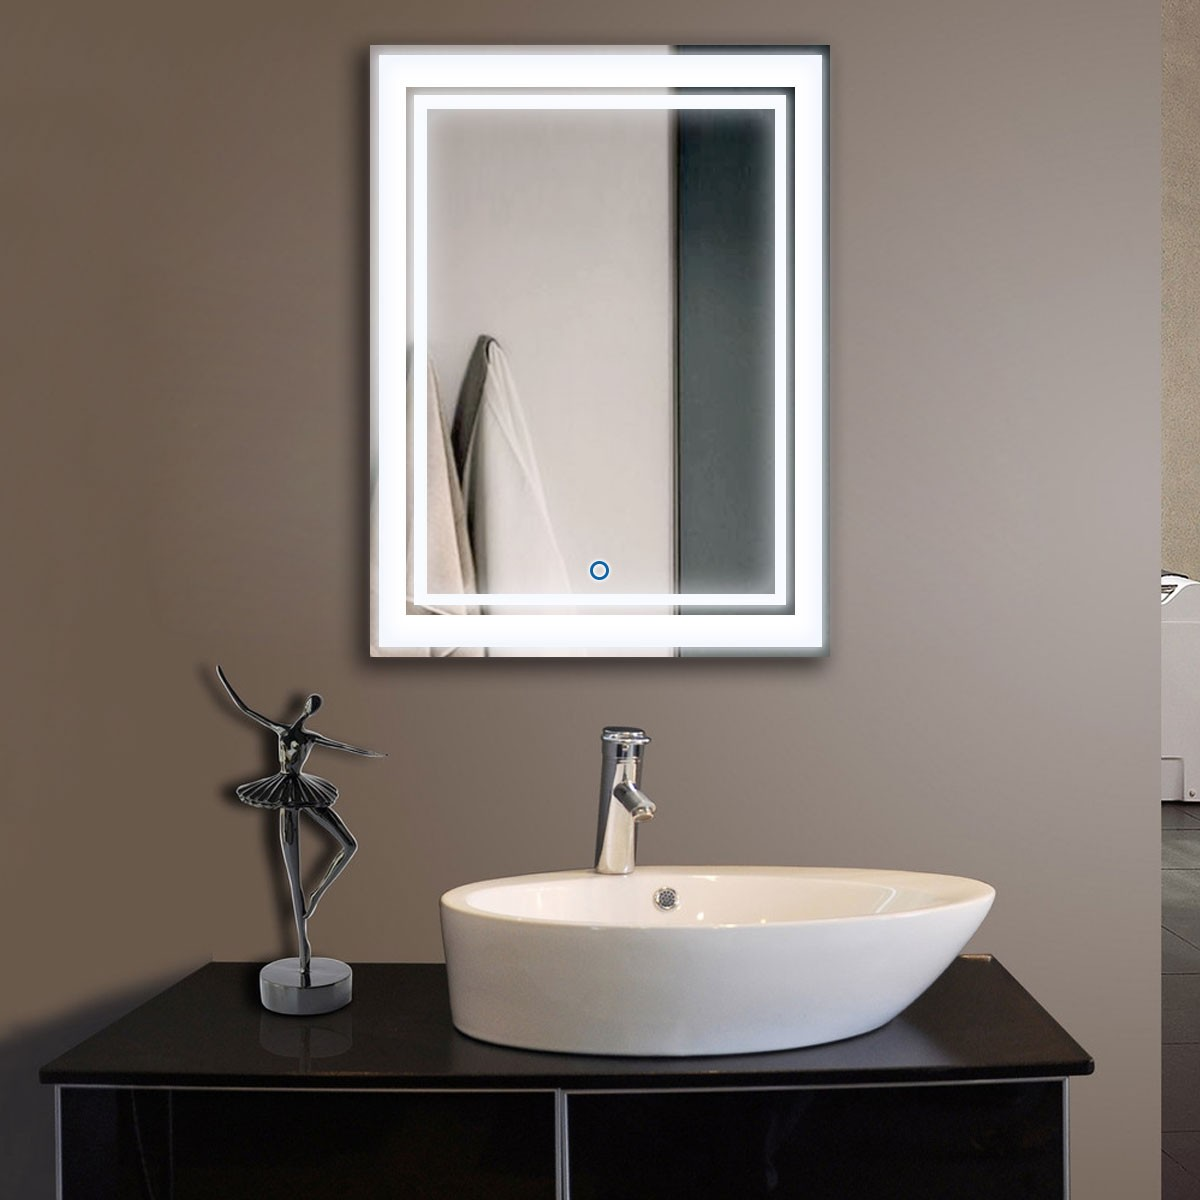 24 x 32 po miroir vertical argent led salle de bains avec for Applique miroir salle de bain avec interrupteur